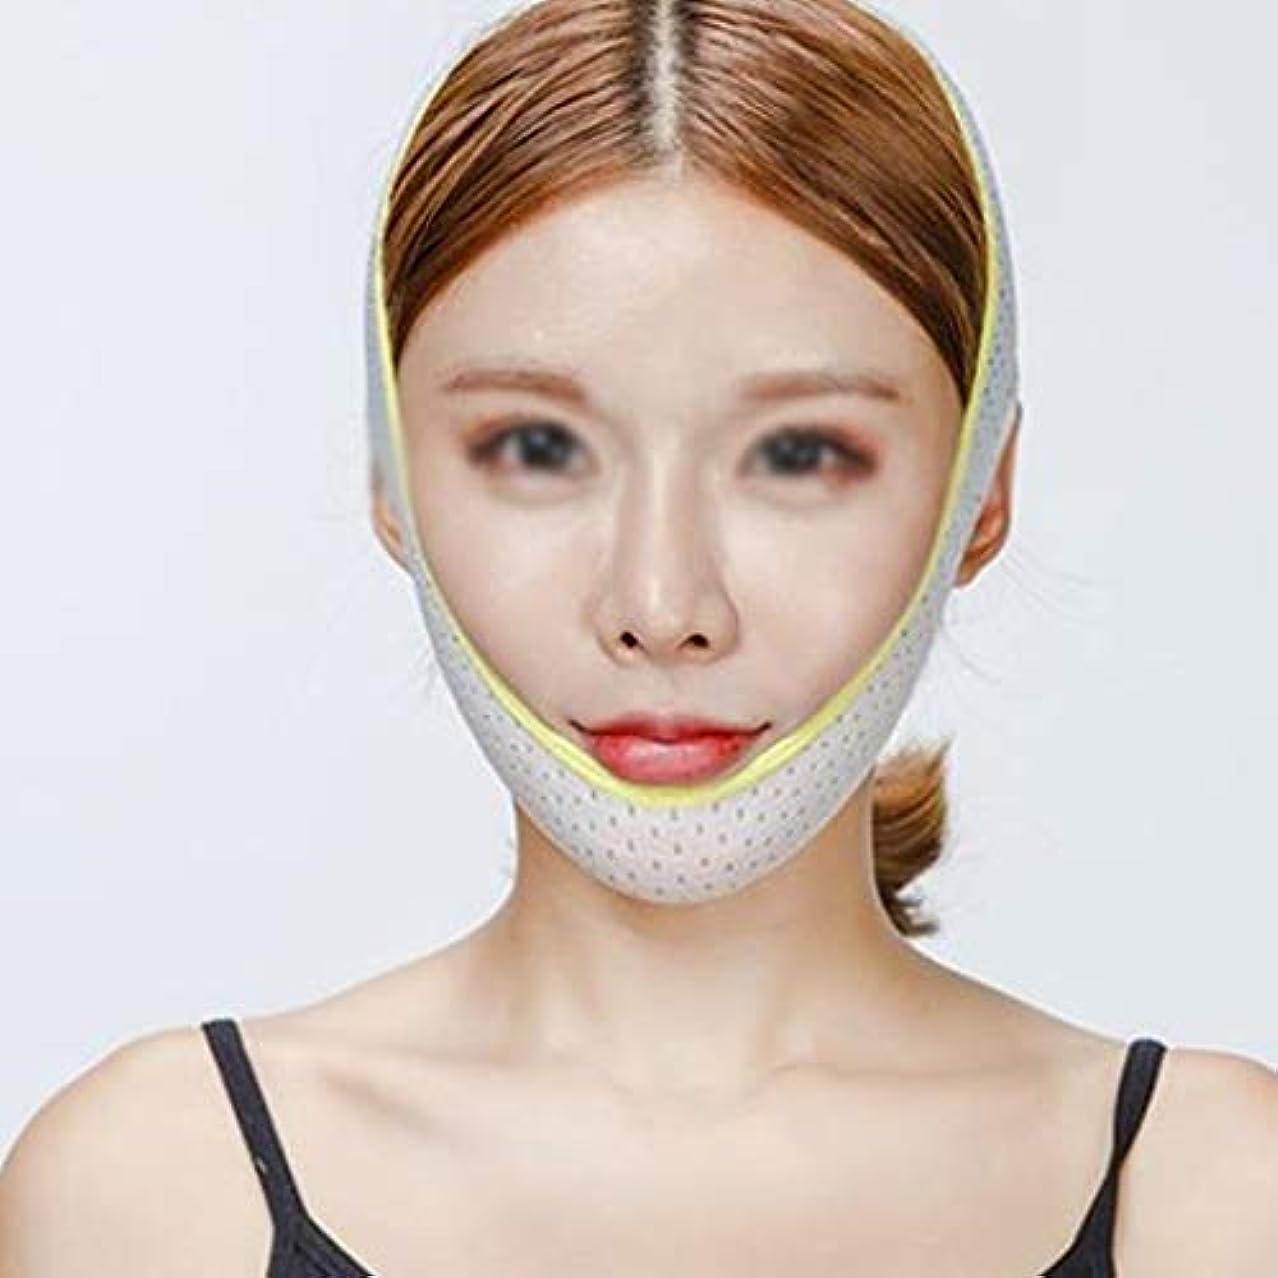 カウント見かけ上カロリーZWBD フェイスマスク, Vフェイスアーティファクトフェイスリフトステッカー本物のフェイスリフト韓国フェイスフェイシャルリフティングファーミングインストゥルメントフェイシャルリフティング睡眠包帯